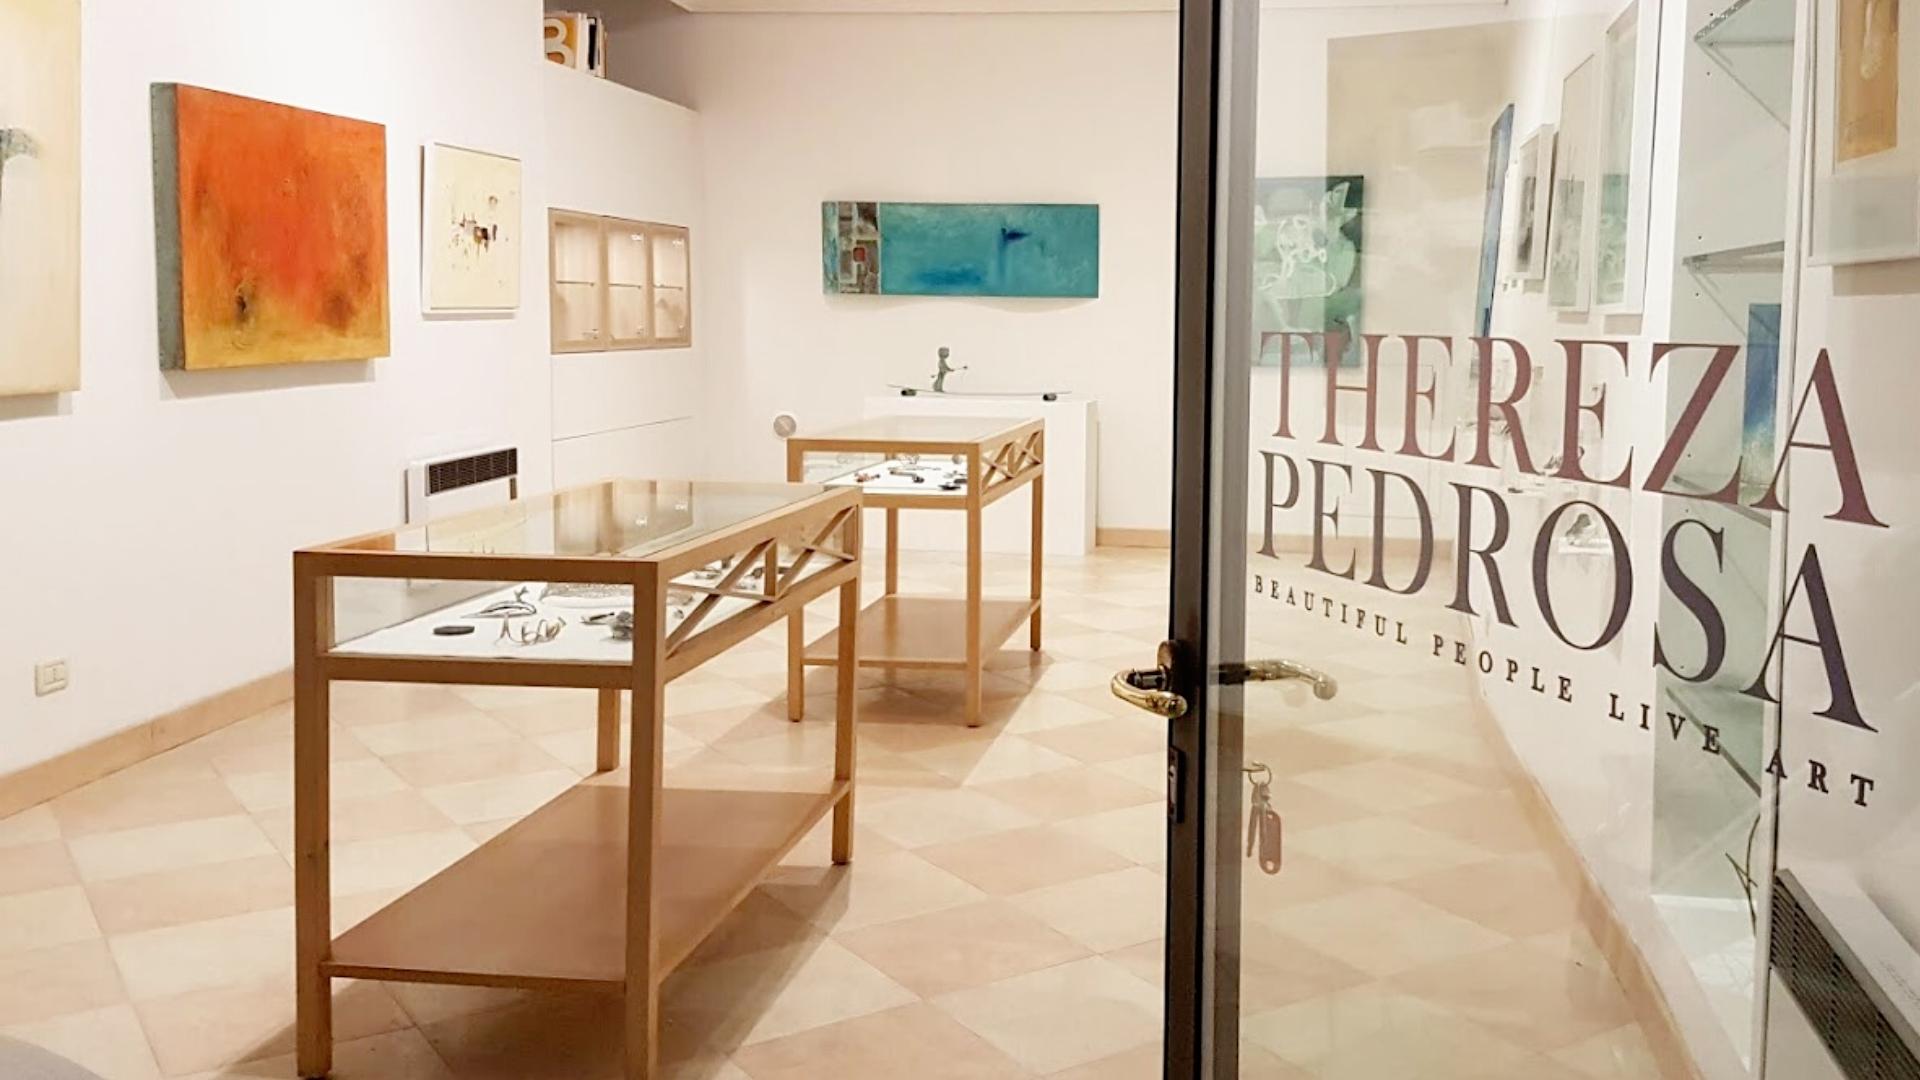 Thereza Pedrosa art gallery, Asolo, Italy